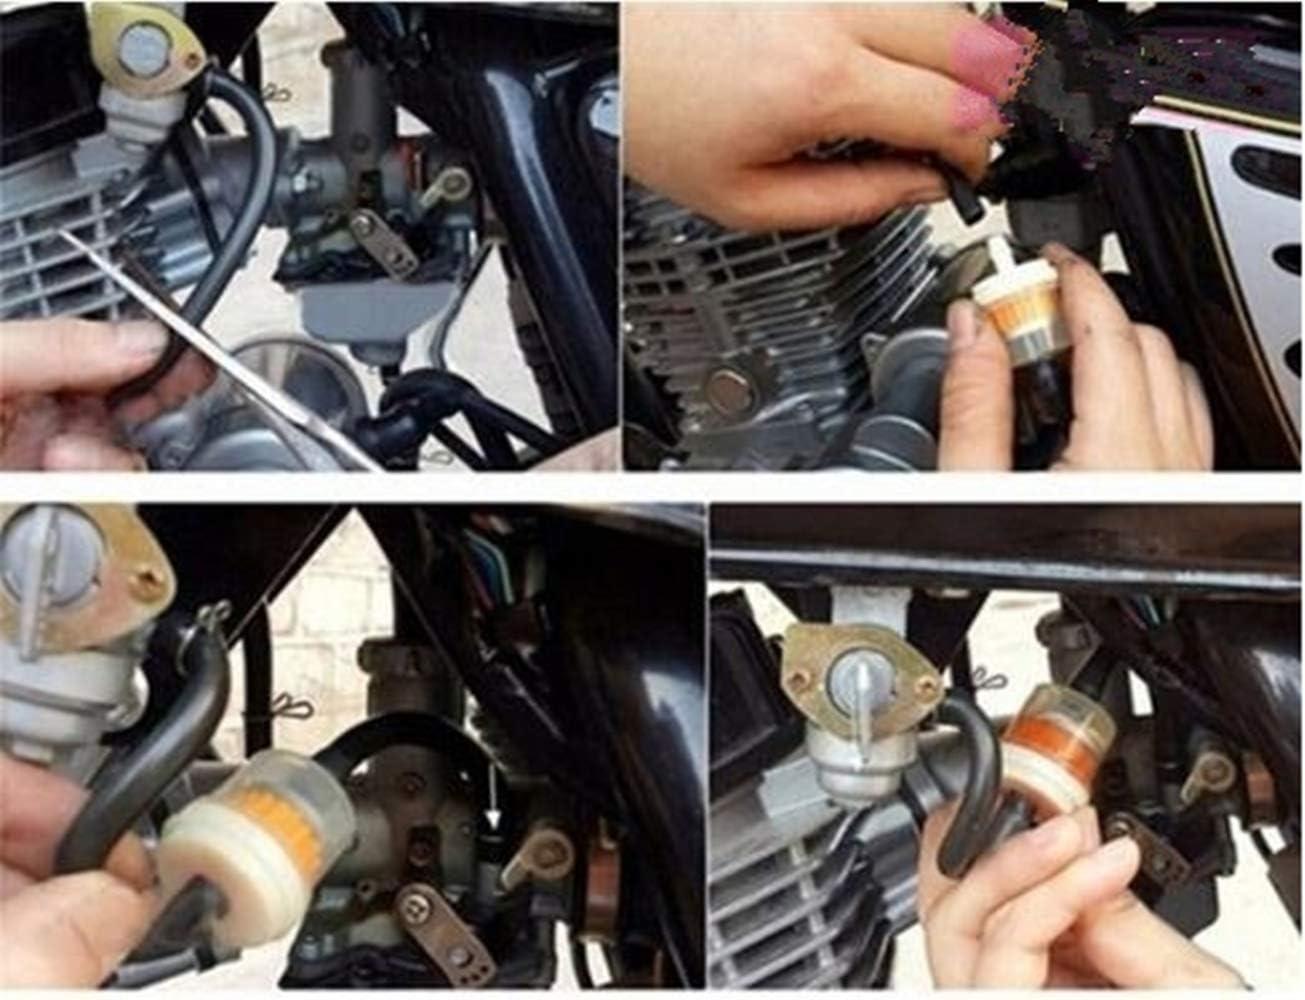 Blau Schlauchleitung Schlauch Gelb /Ölkraftstofffilter Moto Kraftstofffilterleitung Federklemmen Schellen Schlauch Schlauch 4mm Inner Dia Motorrad /Öl Benzin Universal Dirtbike ATV Moped Roller